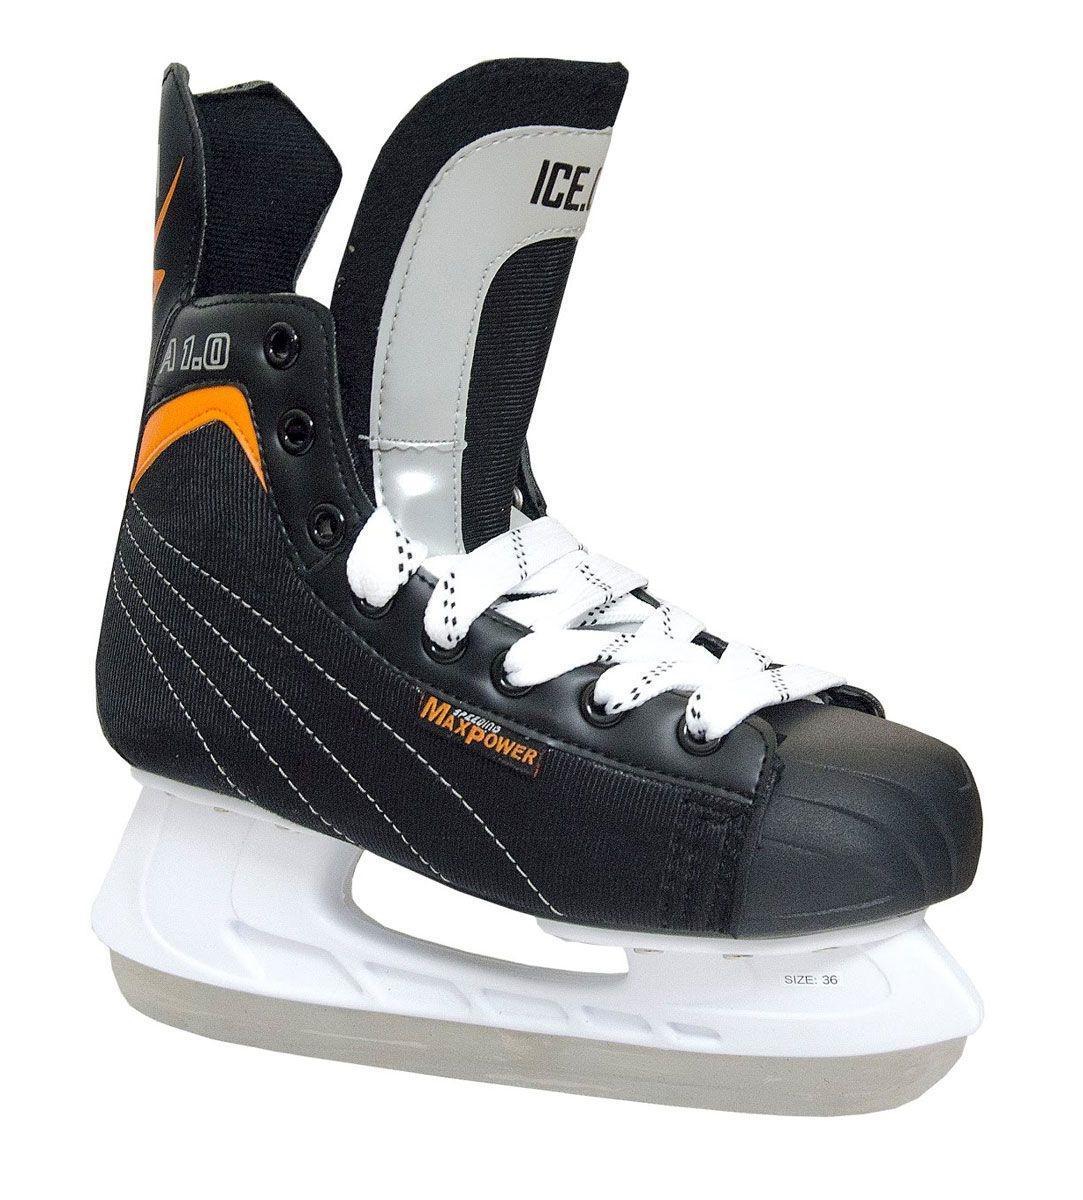 Коньки хоккейные Ice.Com A 1.0 2014, цвет: черный, оранжевый. Размер 44